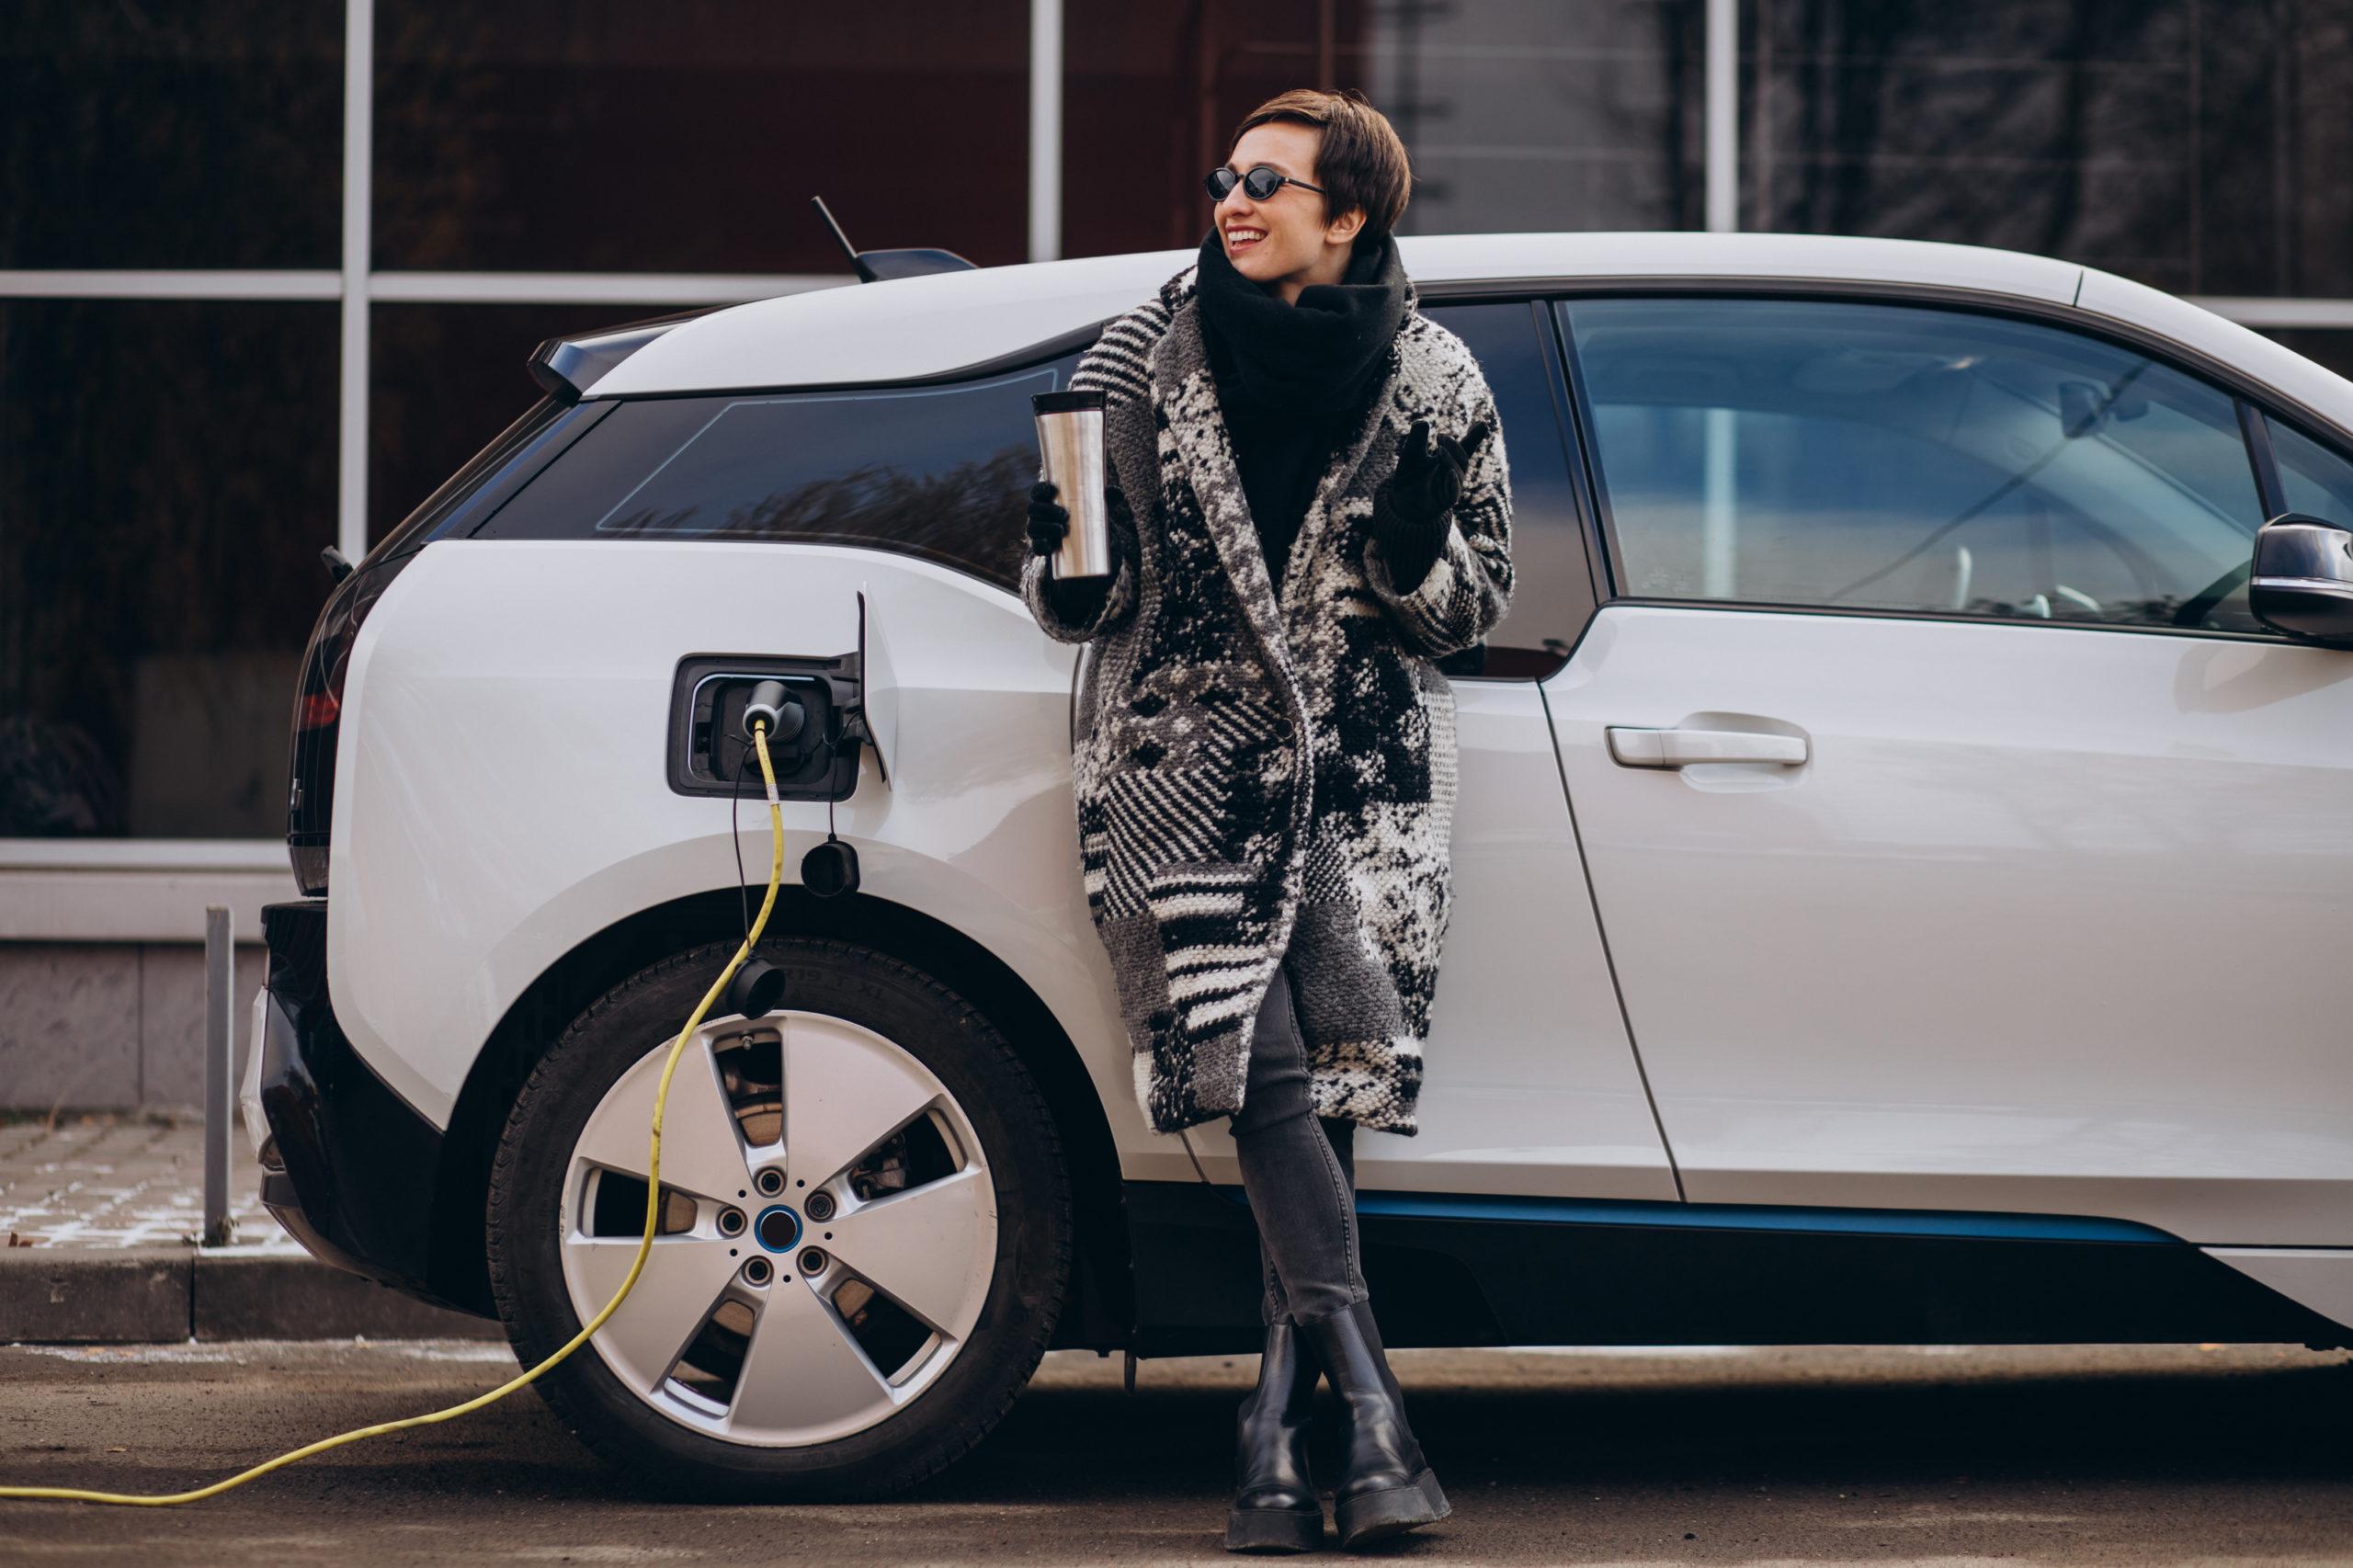 Imagem para ilustrar o texto sobre carros elétricos